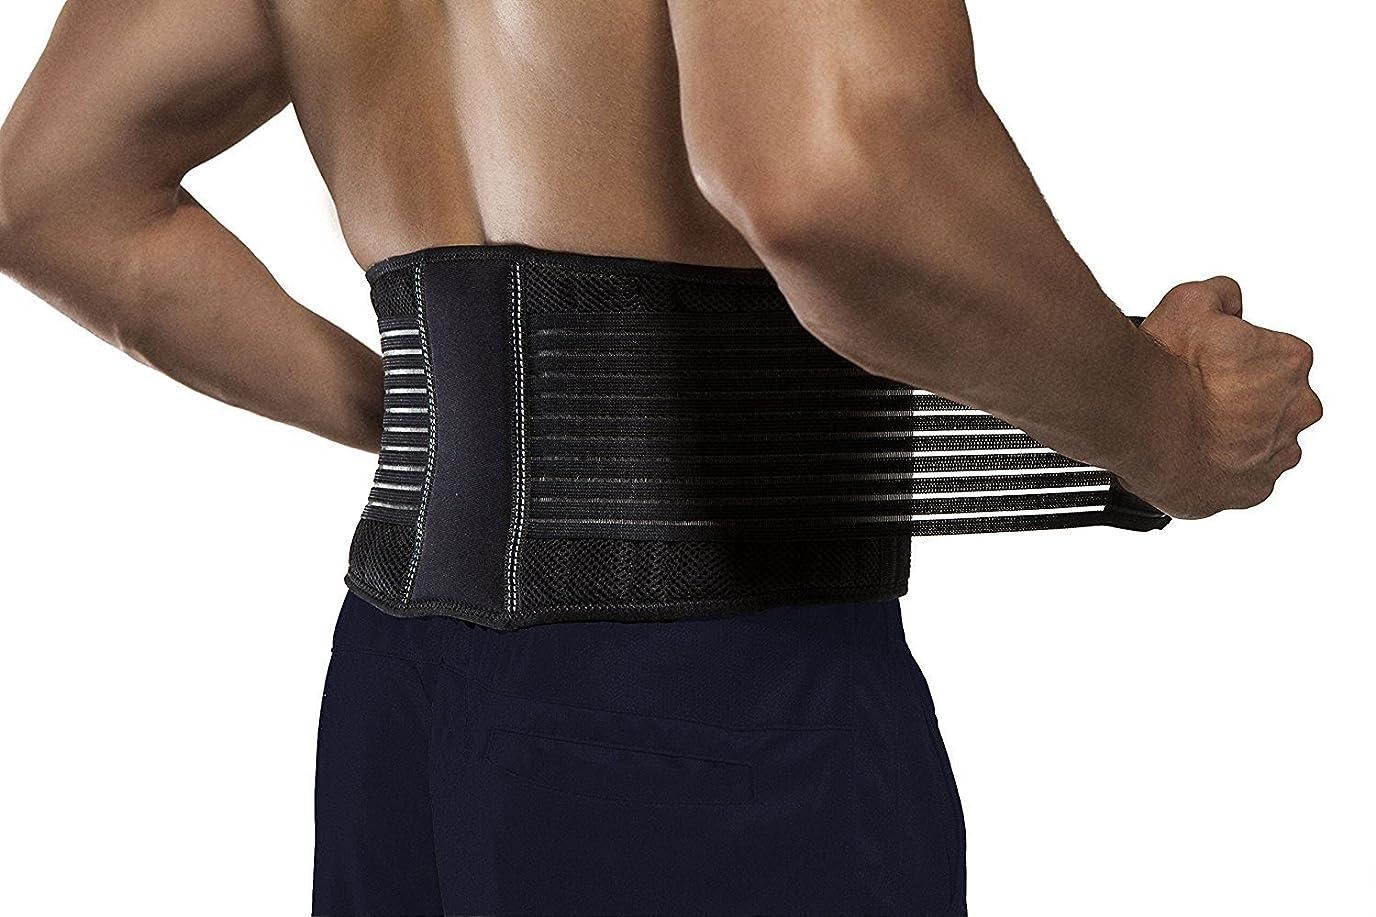 哲学的バックアップ菊腰痛ベルト 腰サポーター 骨盤ベルト 幅広タイプで固定力抜群 メッシュ素材 男女兼用 (L~XL:ウエスト約90~110cm)